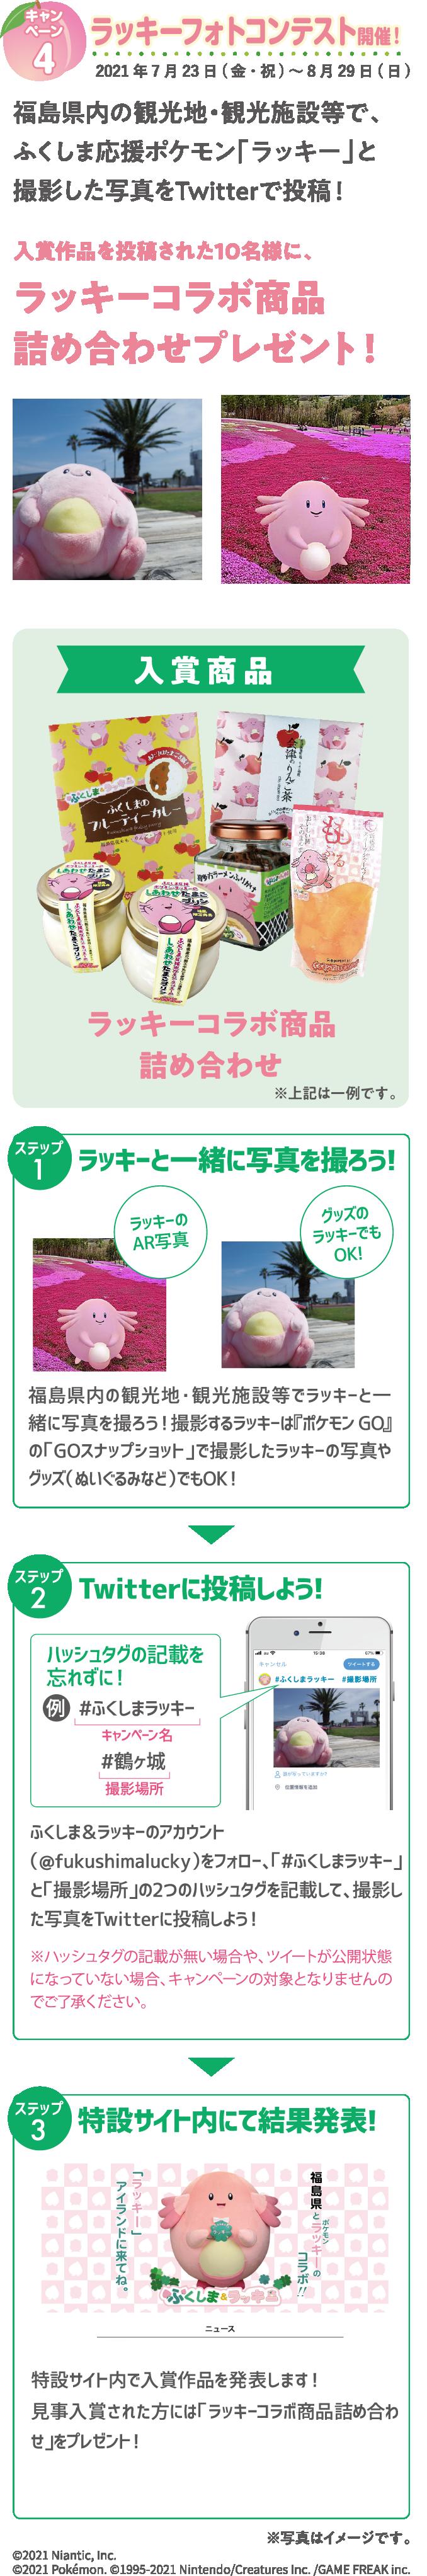 キャンペーン4 ラッキーフォトコンテスト開催!